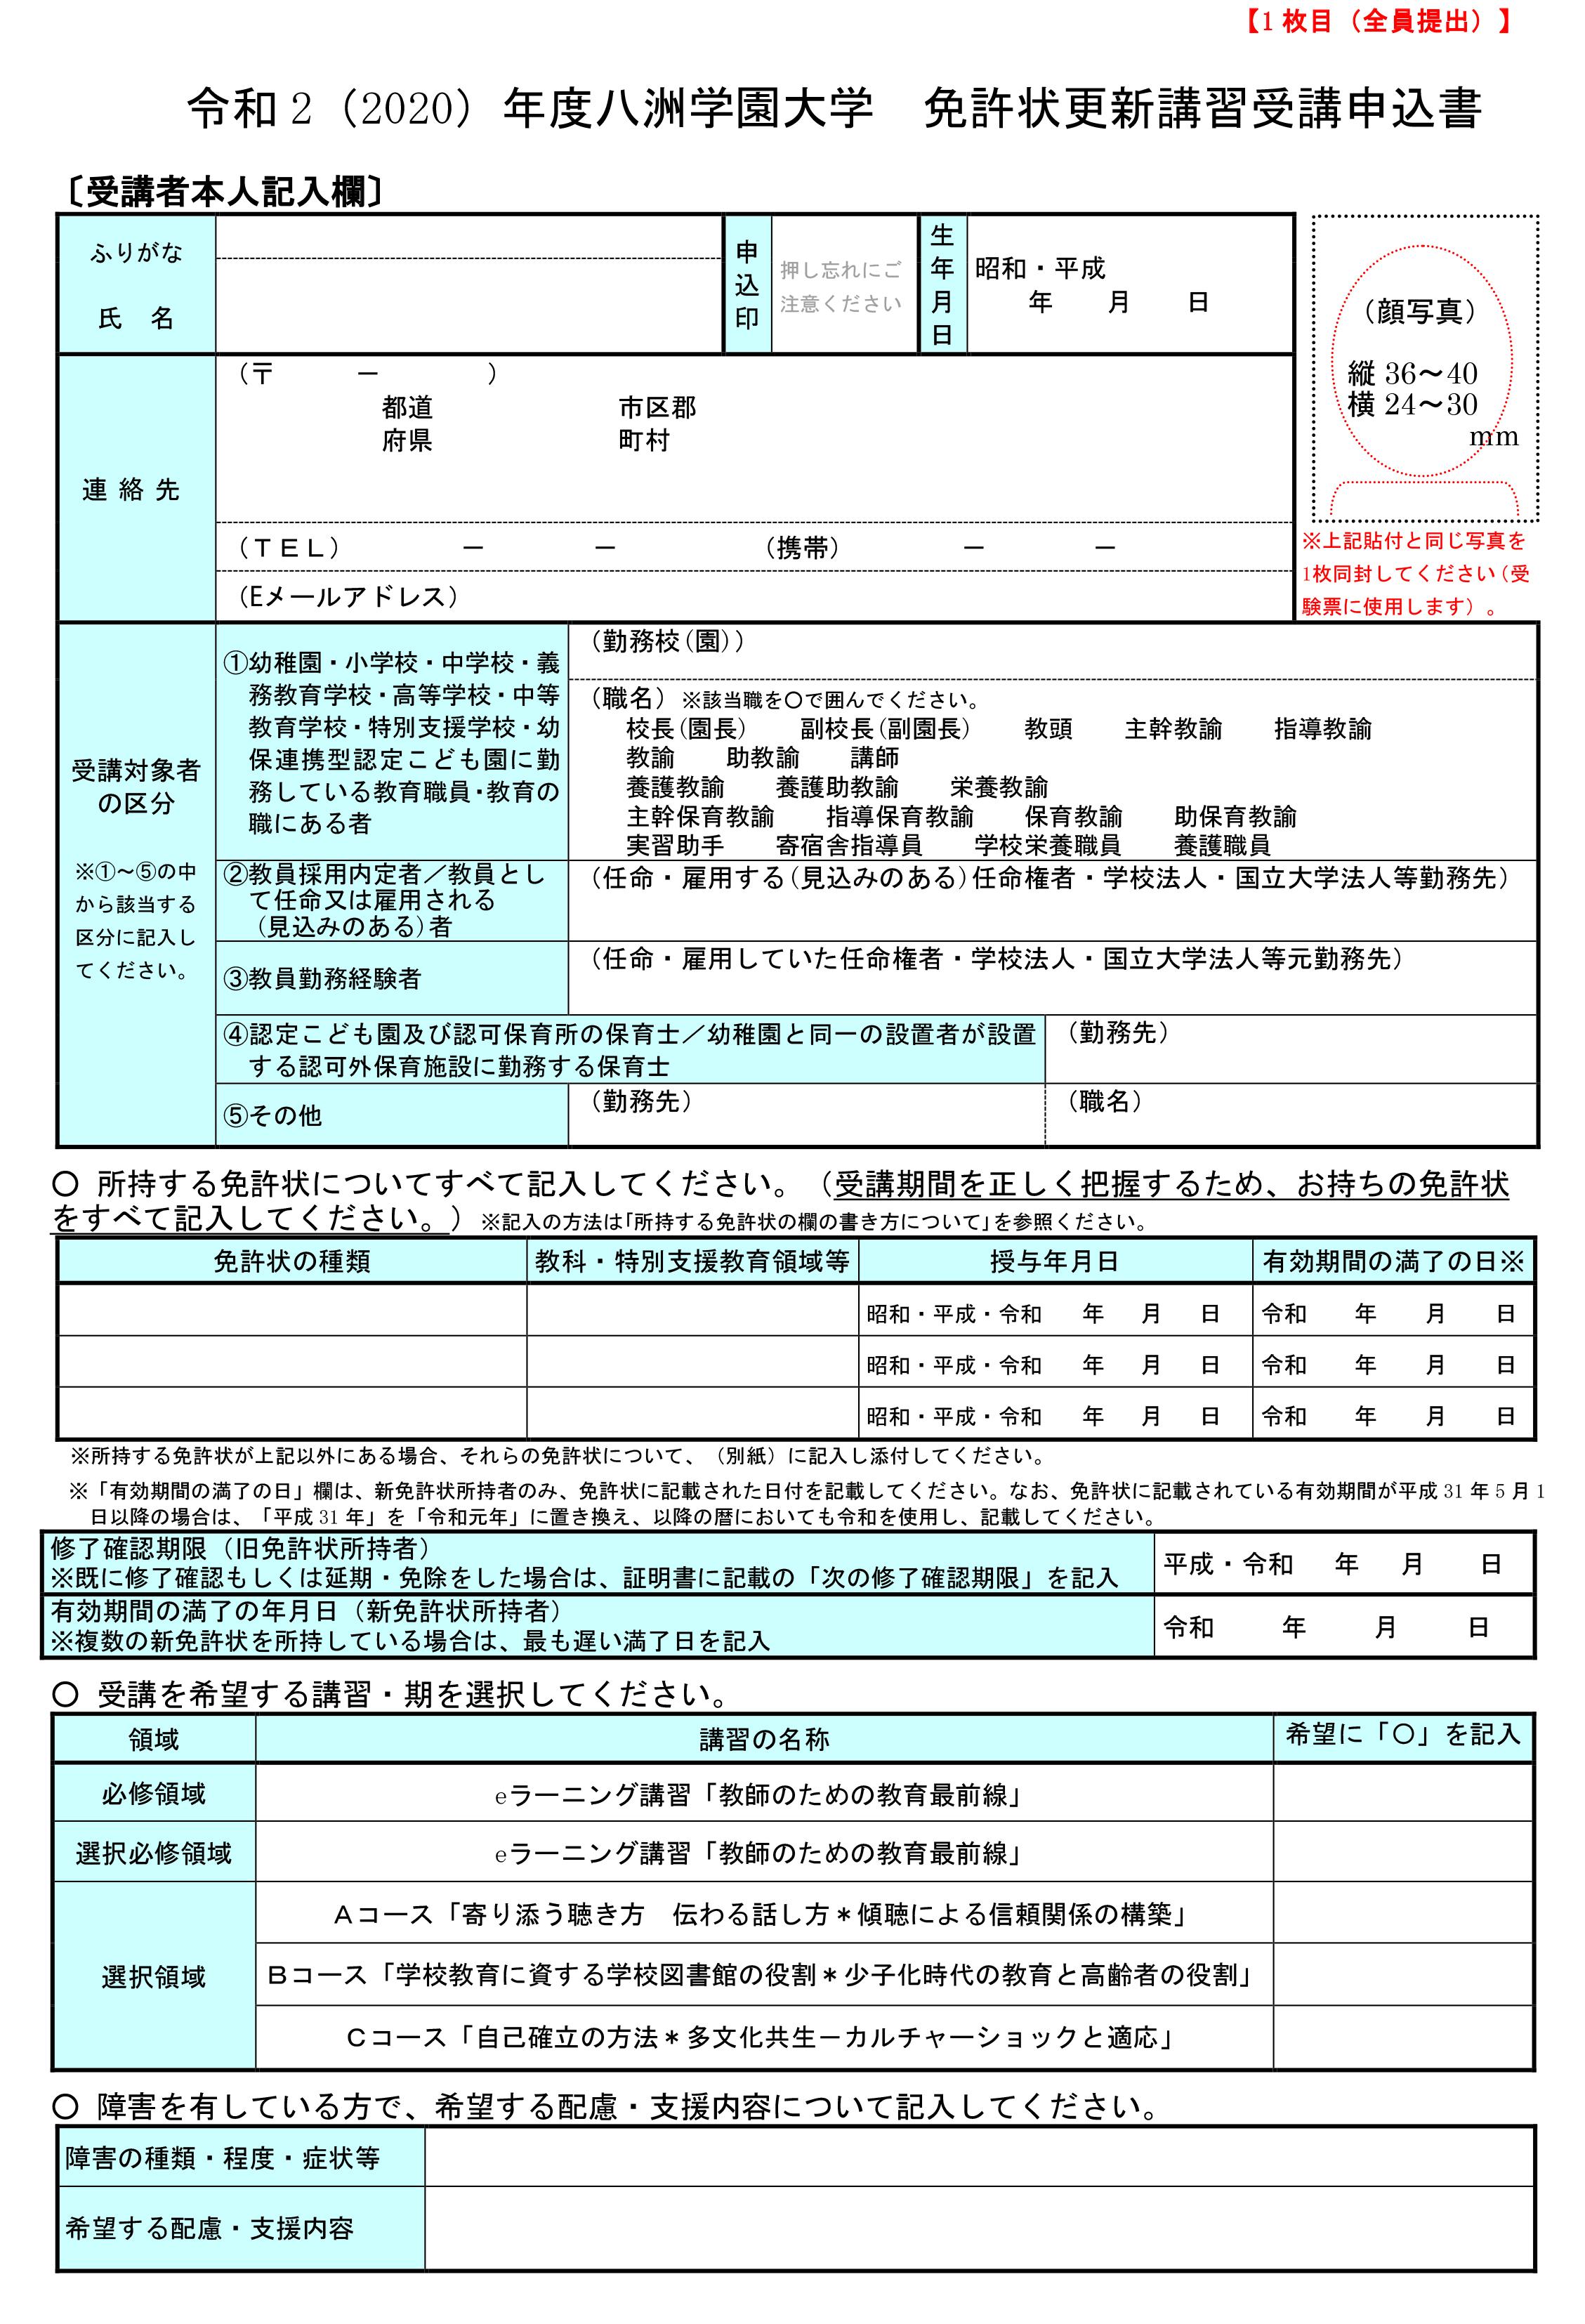 桜美林大学 教員免許更新